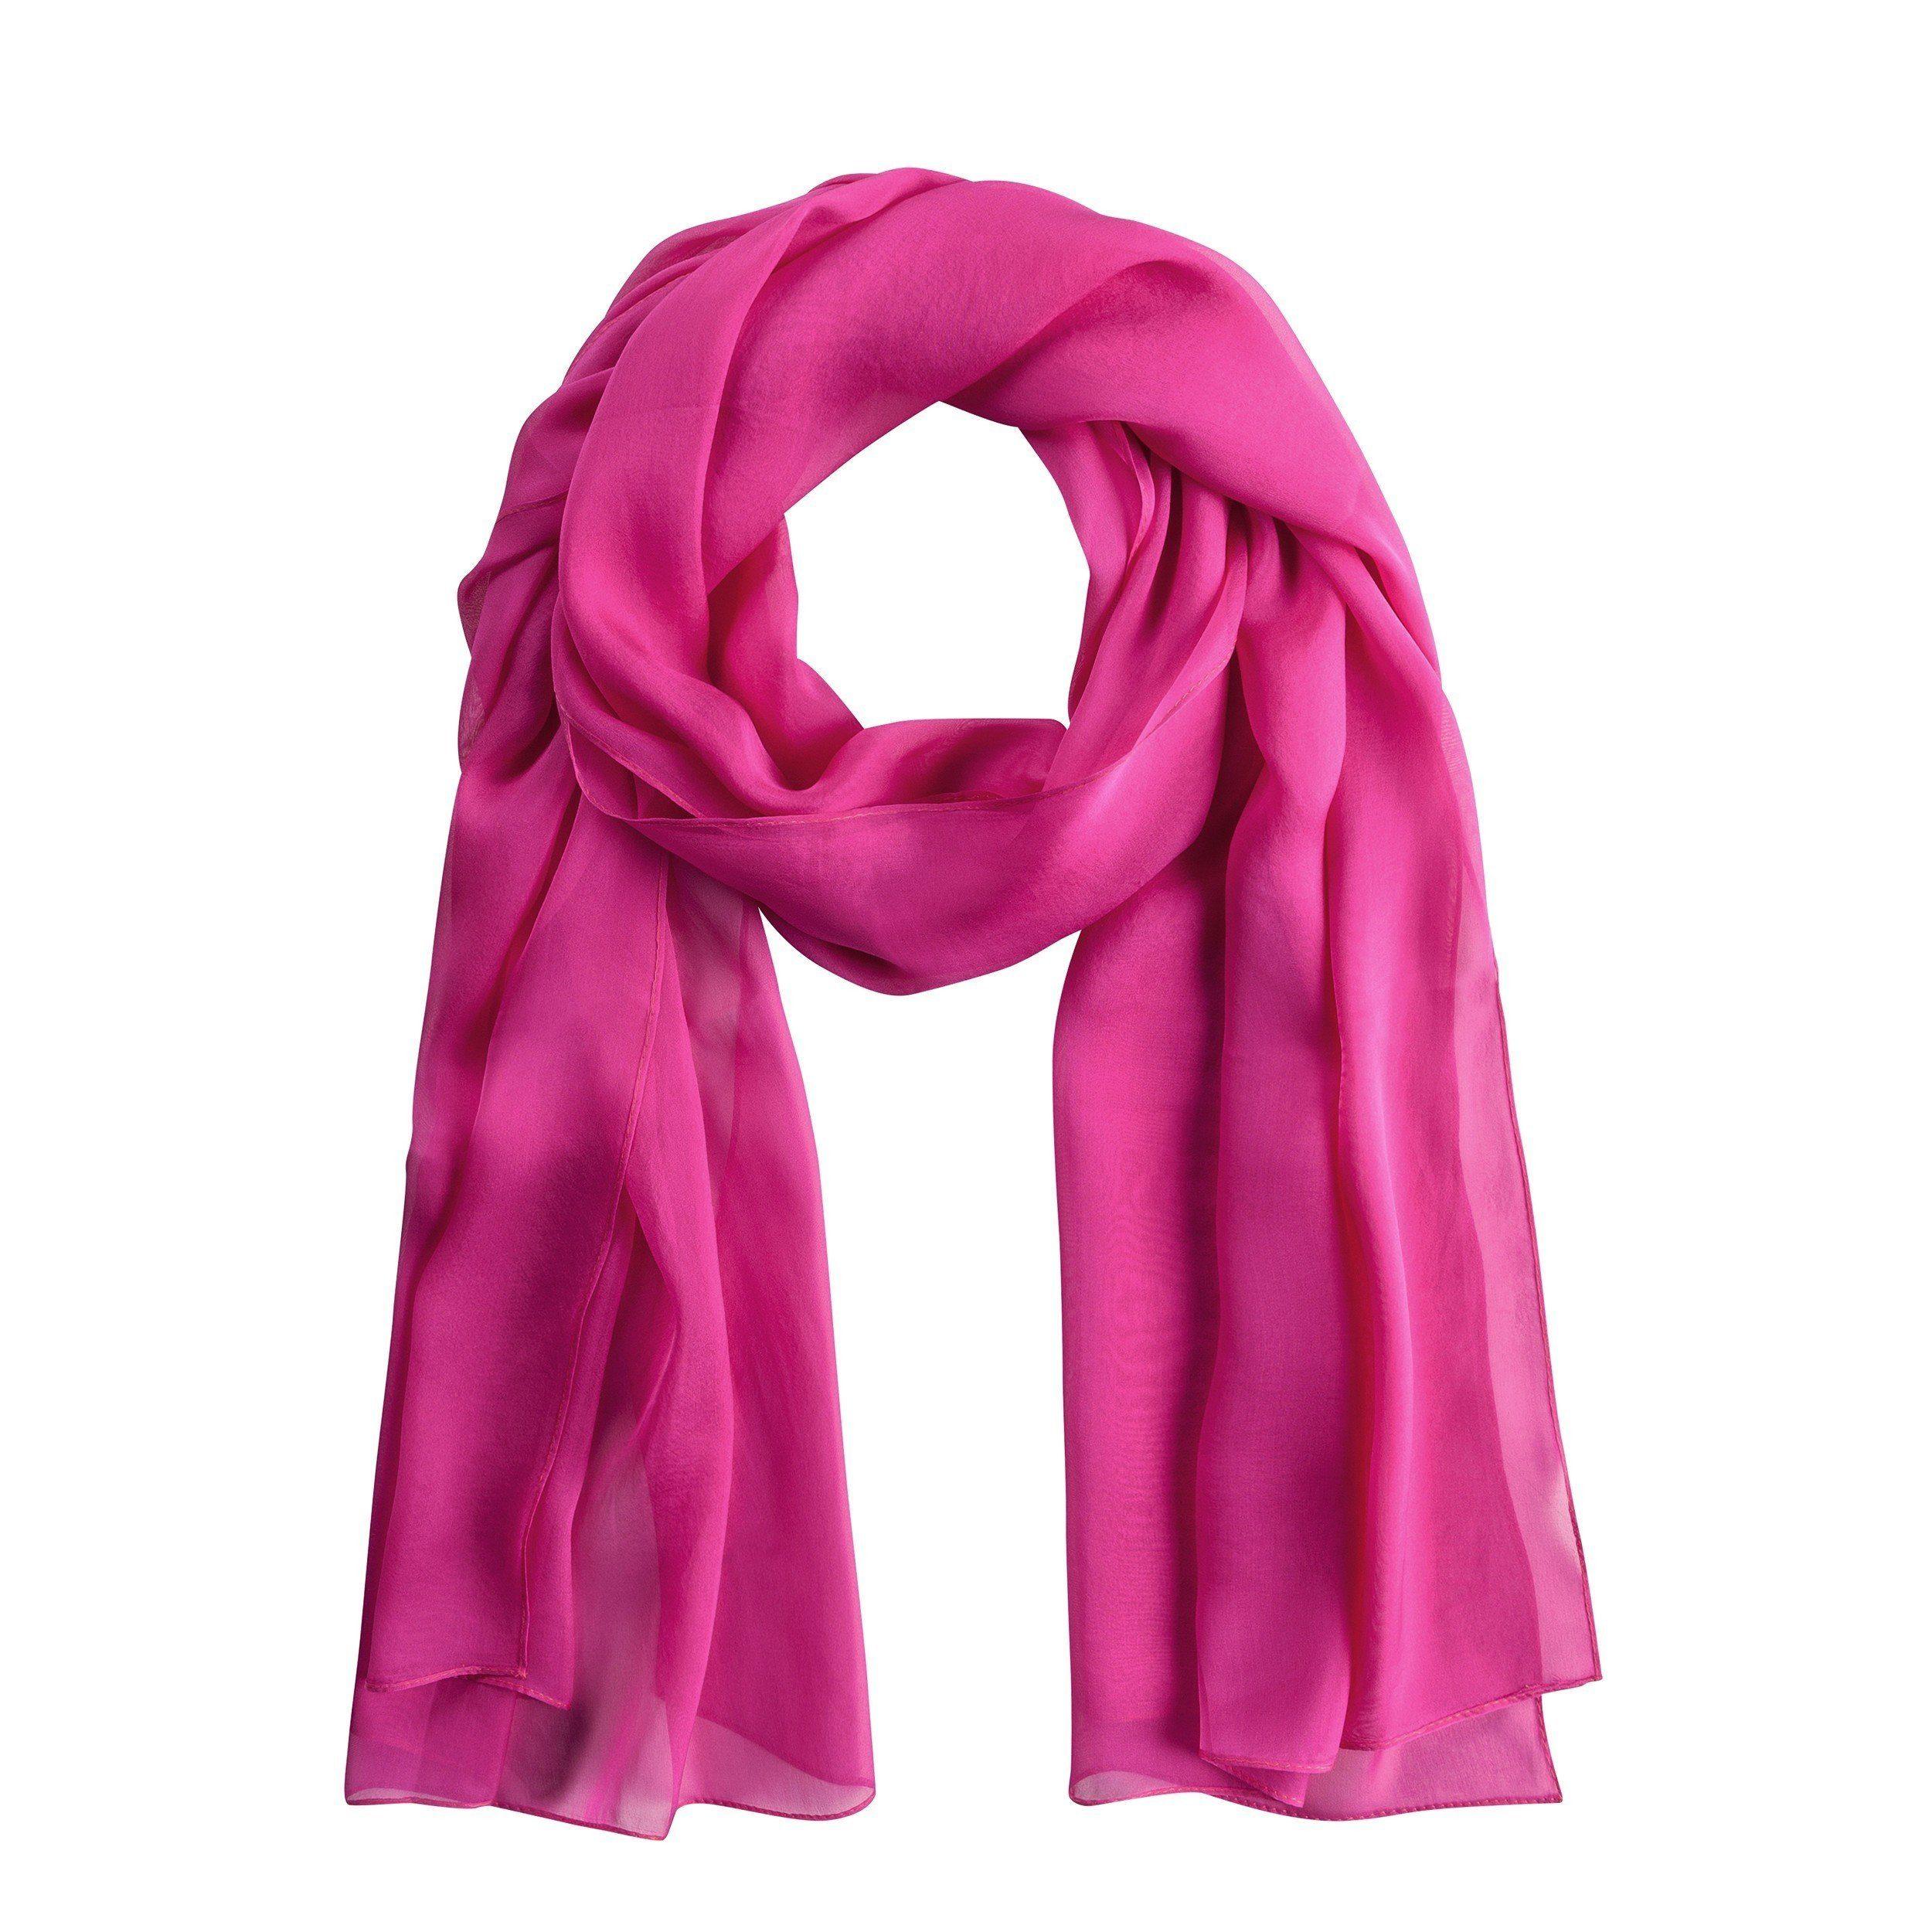 Codello Seidenschal mit unifarbenem Design   Accessoires > Schals & Tücher   Rosa   Seide   Codello